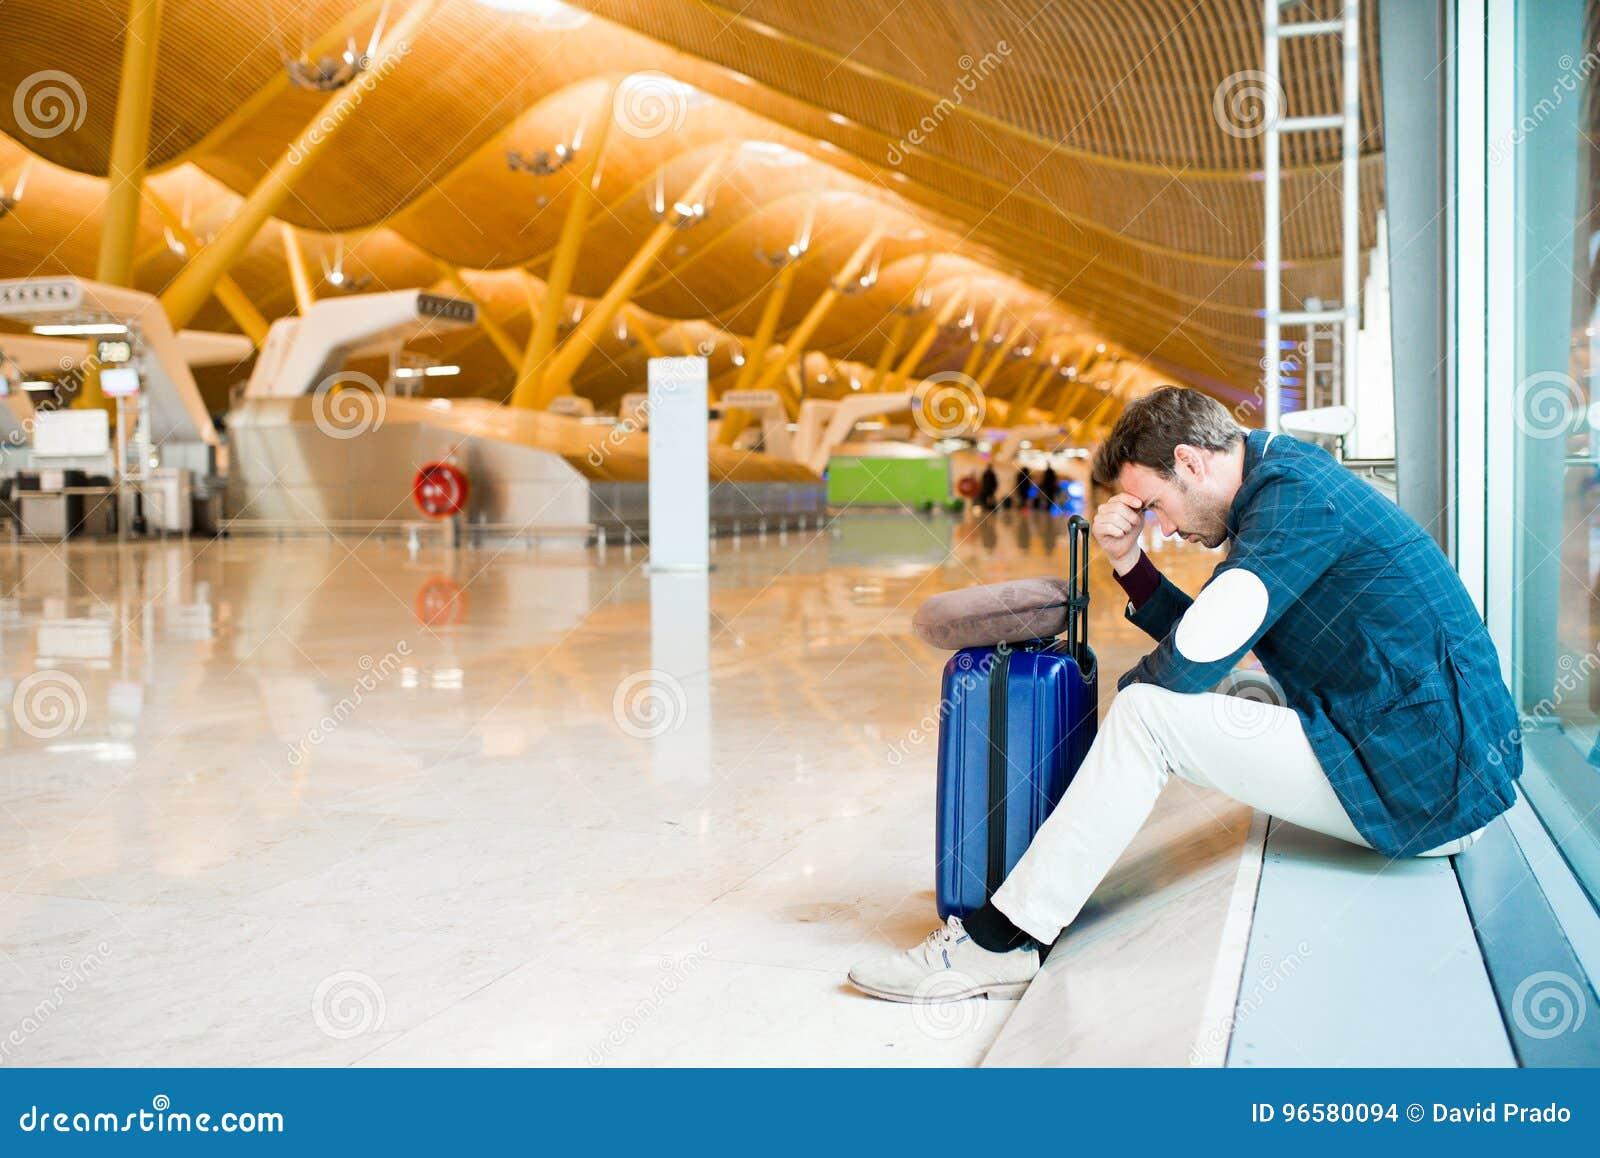 Se retrasa el trastorno del hombre, triste y enojado en el aeropuerto su vuelo